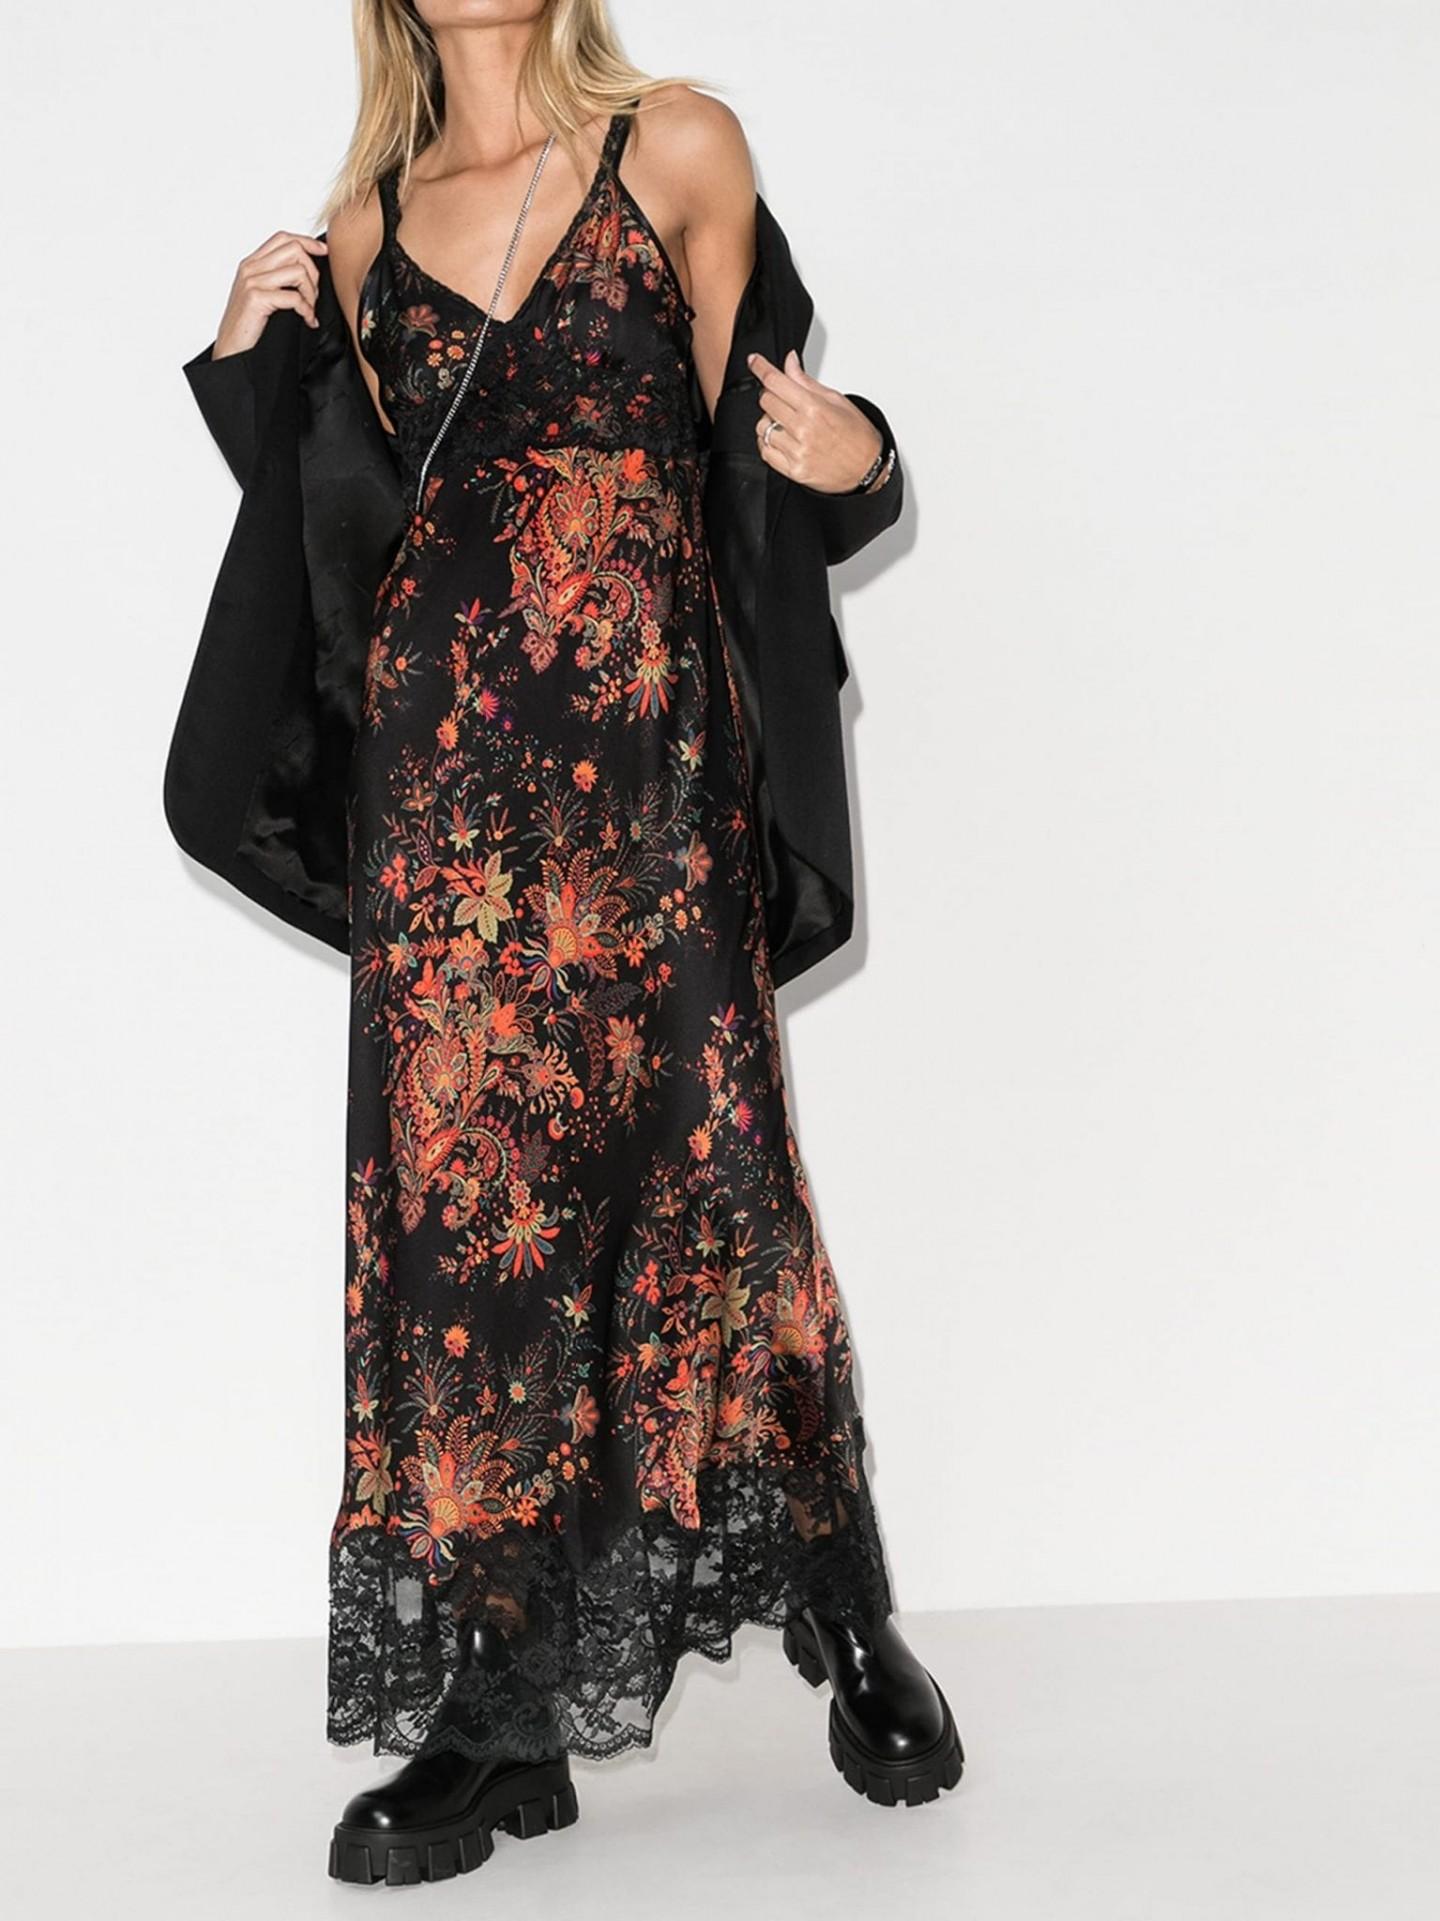 PACO RABANNE V-Neck Printed Floral Dress